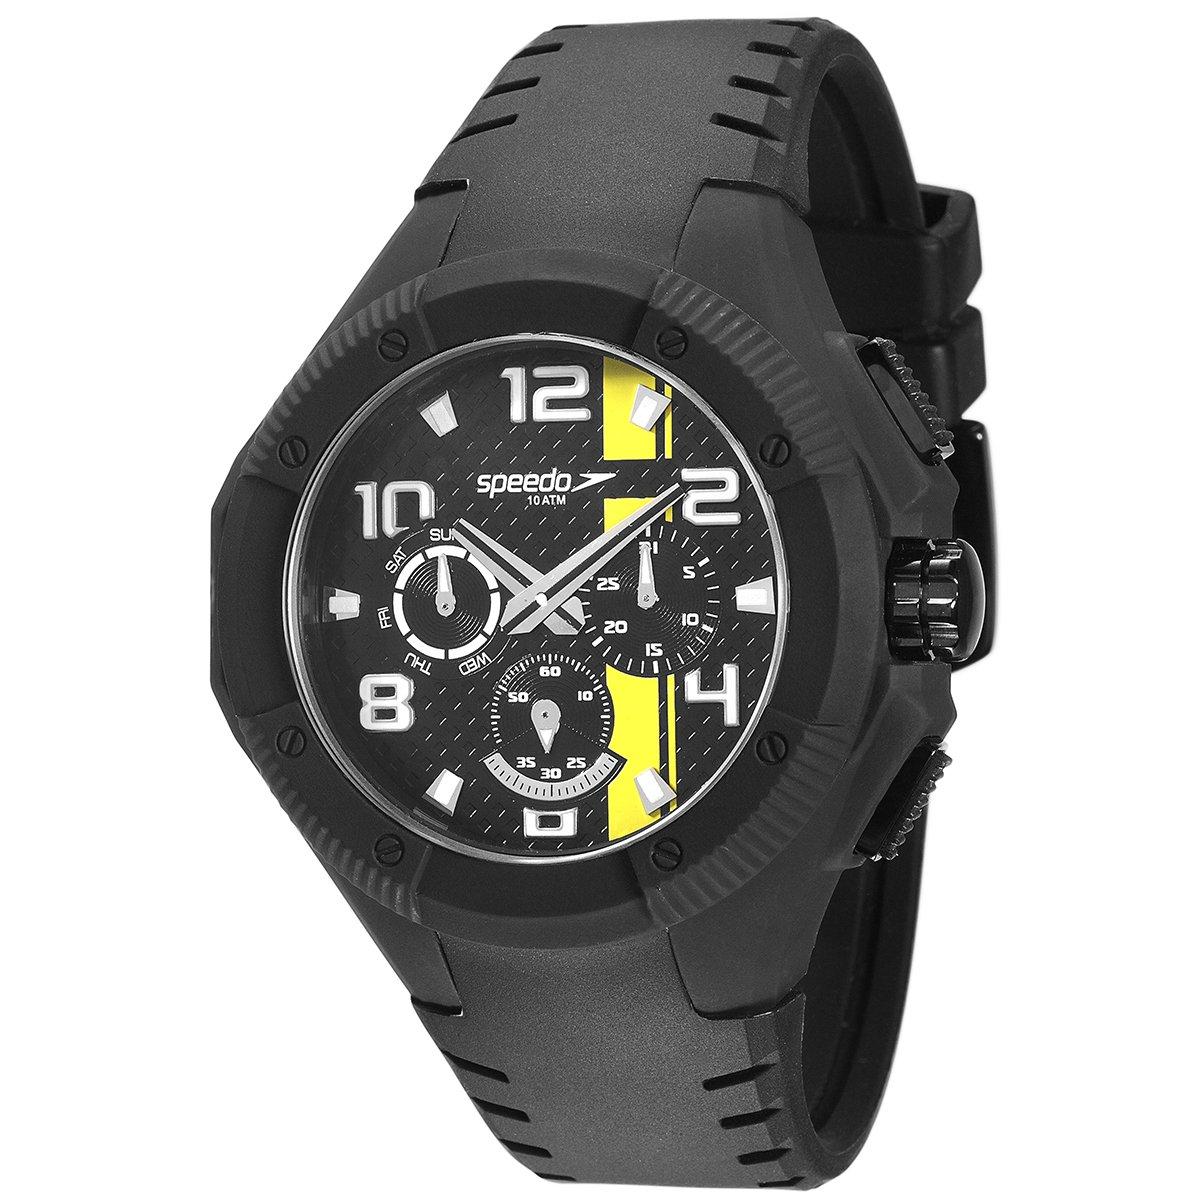 bd45252c6 Relógio Speedo Analógico c  Cronógrafo - Compre Agora